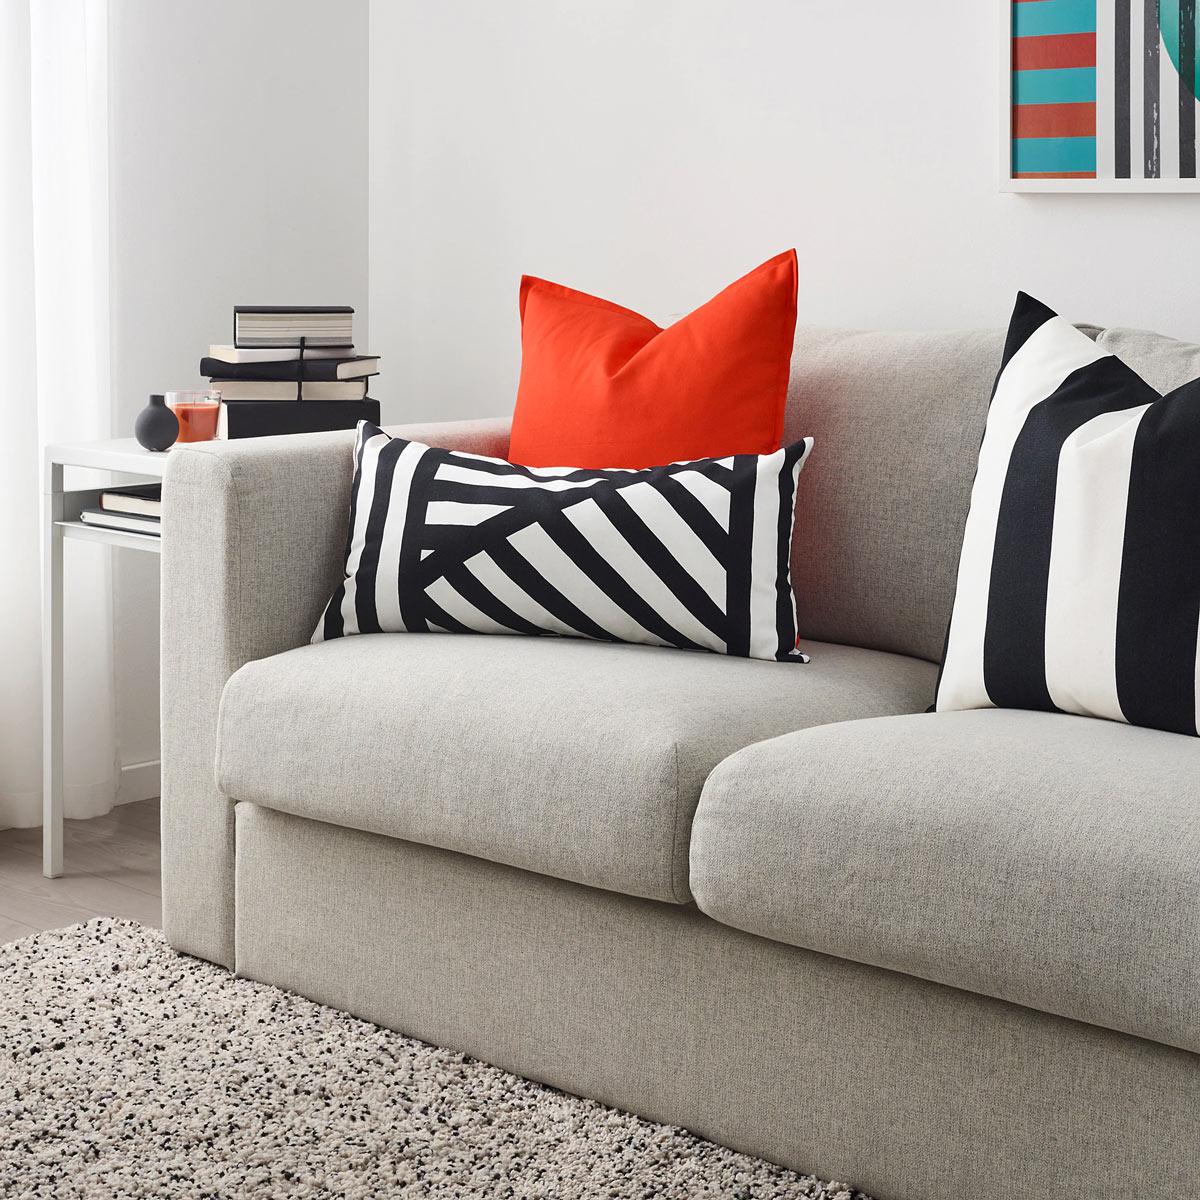 Cuscino da divano bianco e nero IKEA per il divano.